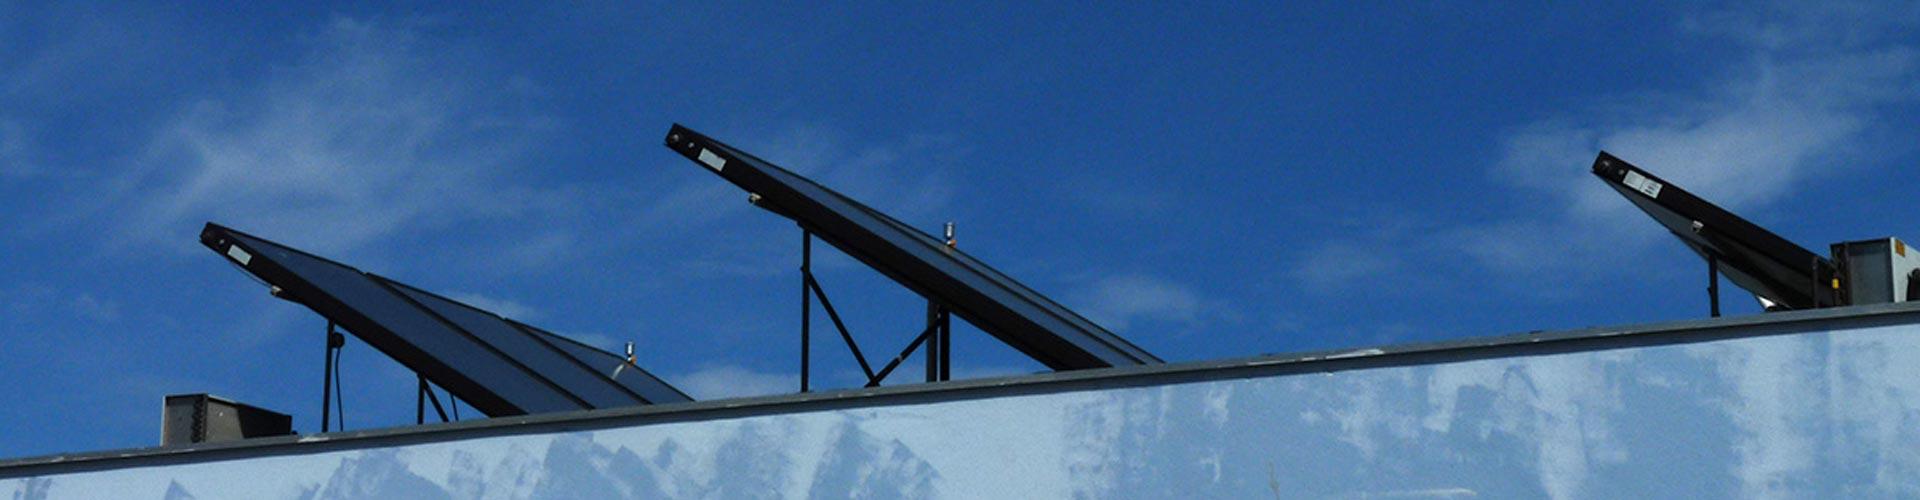 Sunny Habitat Energie, Chauffage solaire et Chauffe eau solaire en coeur d'hérault